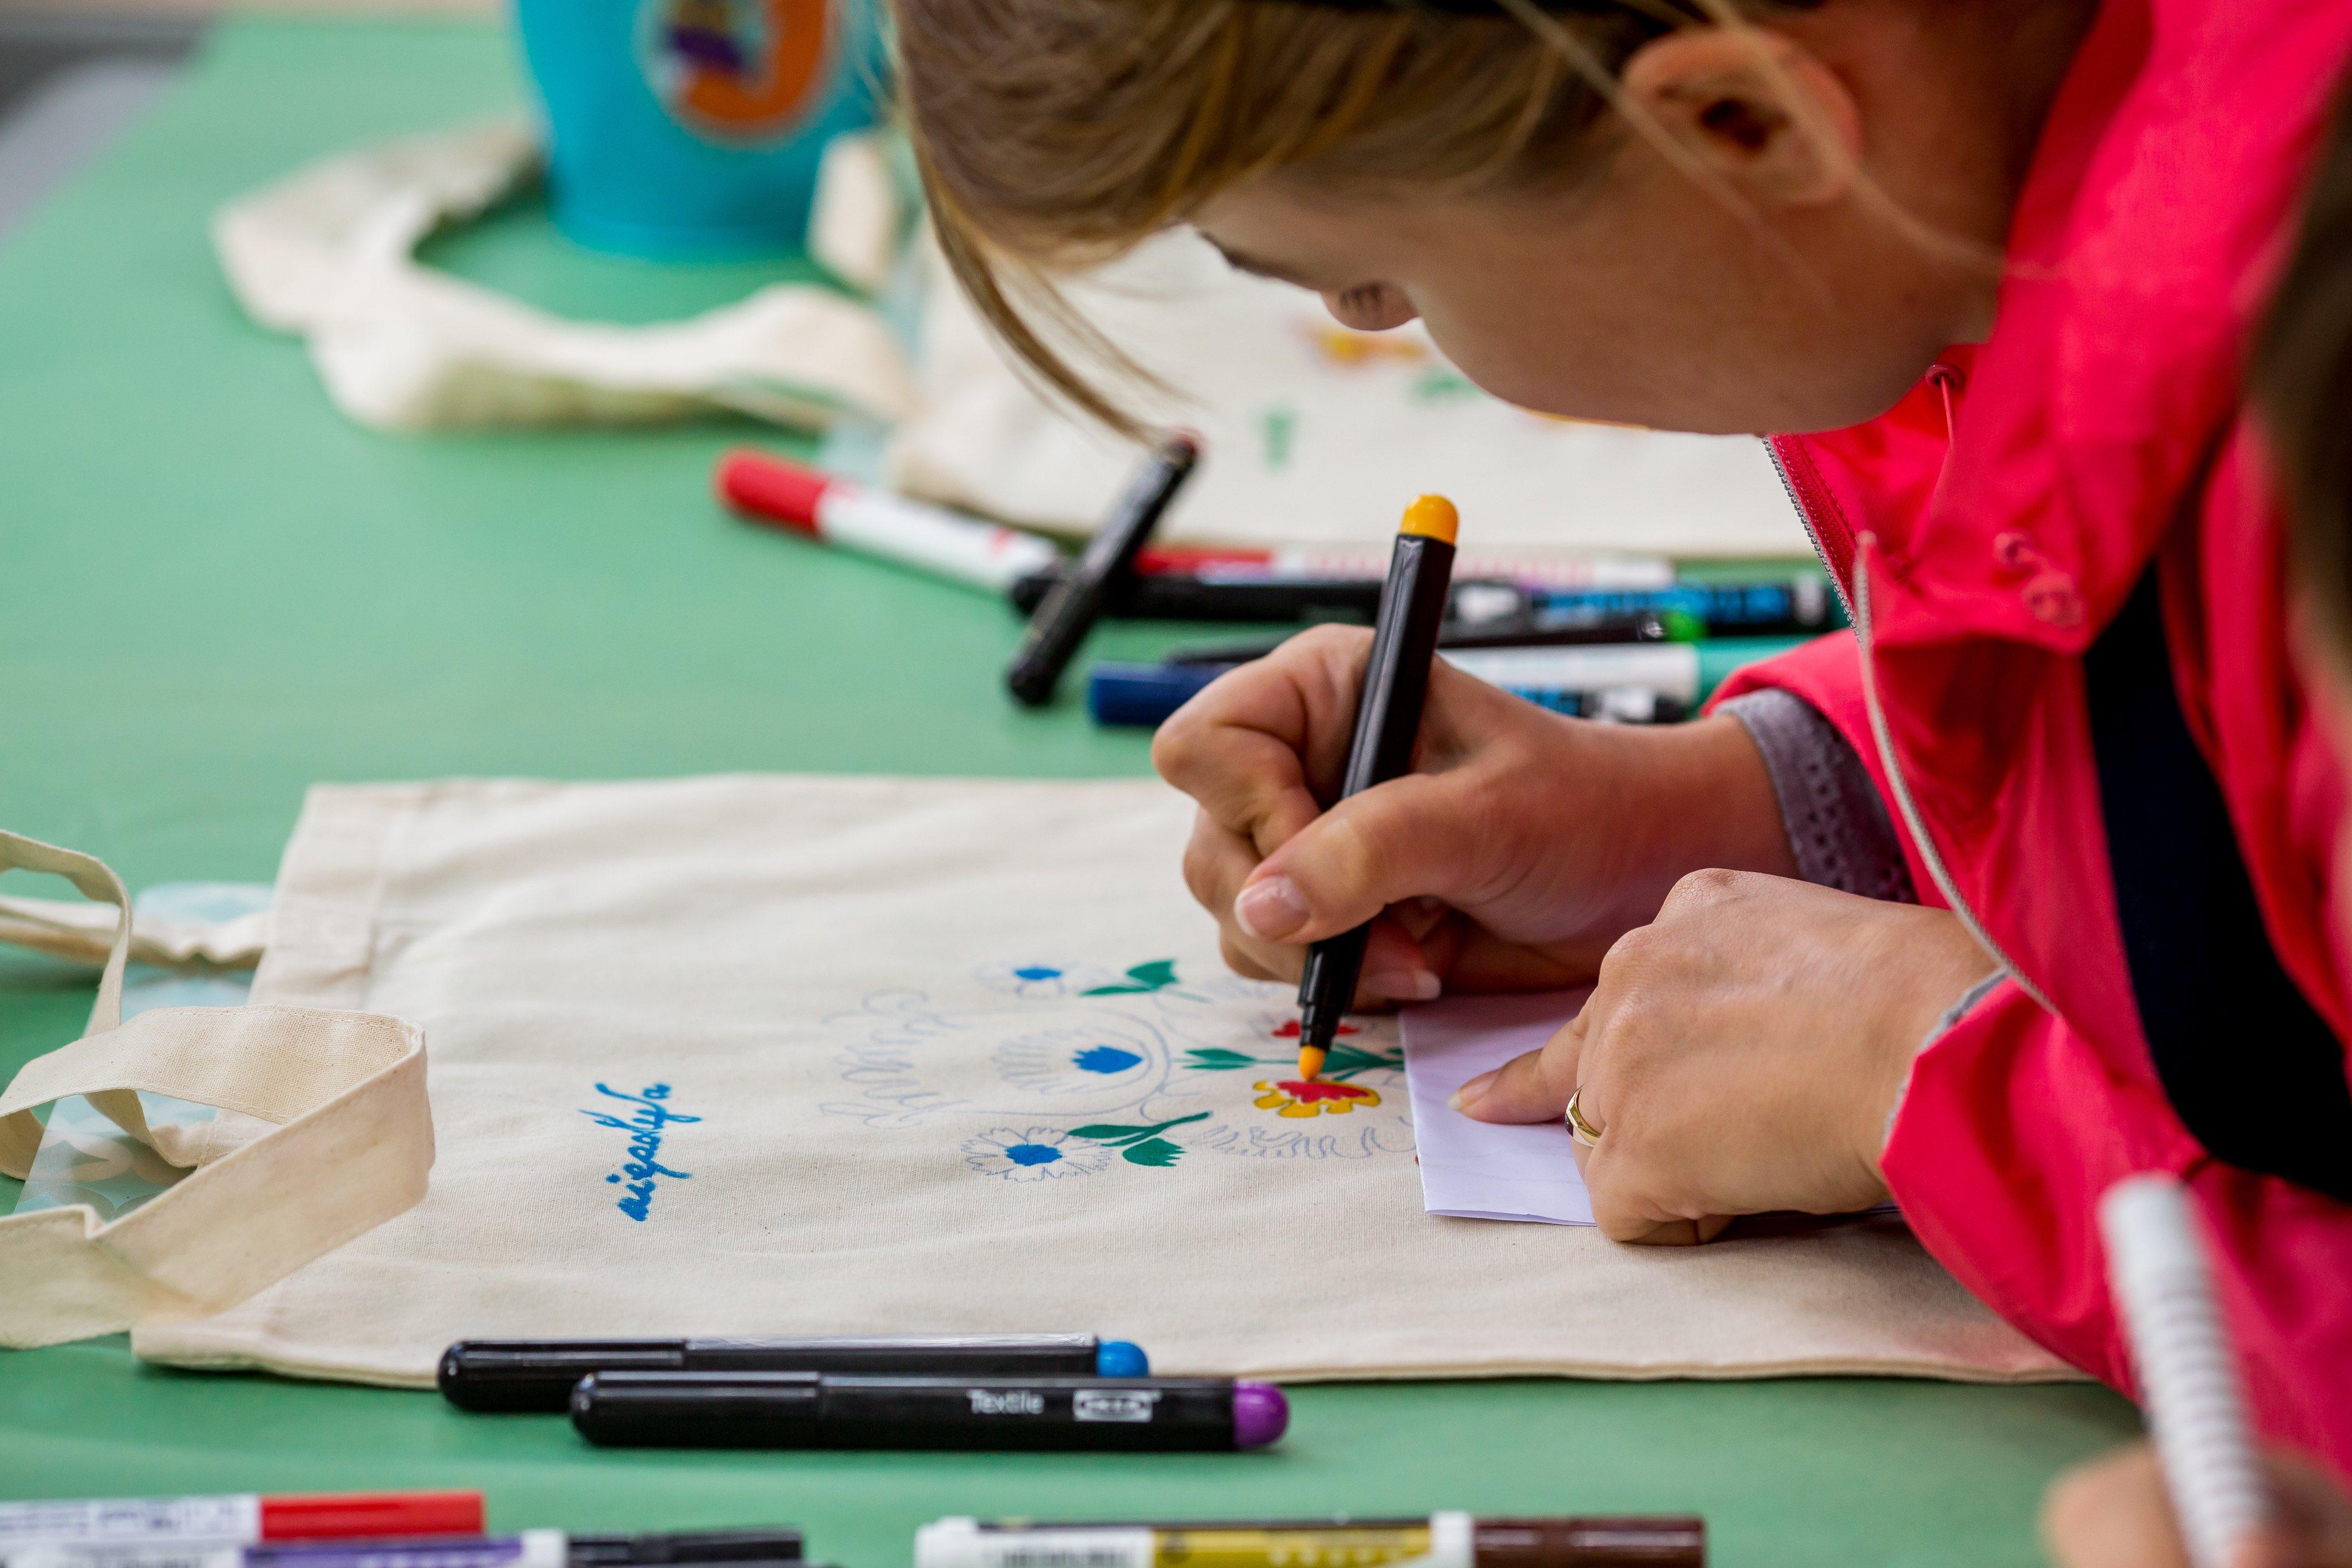 dziecko biorące udział w warsztatach